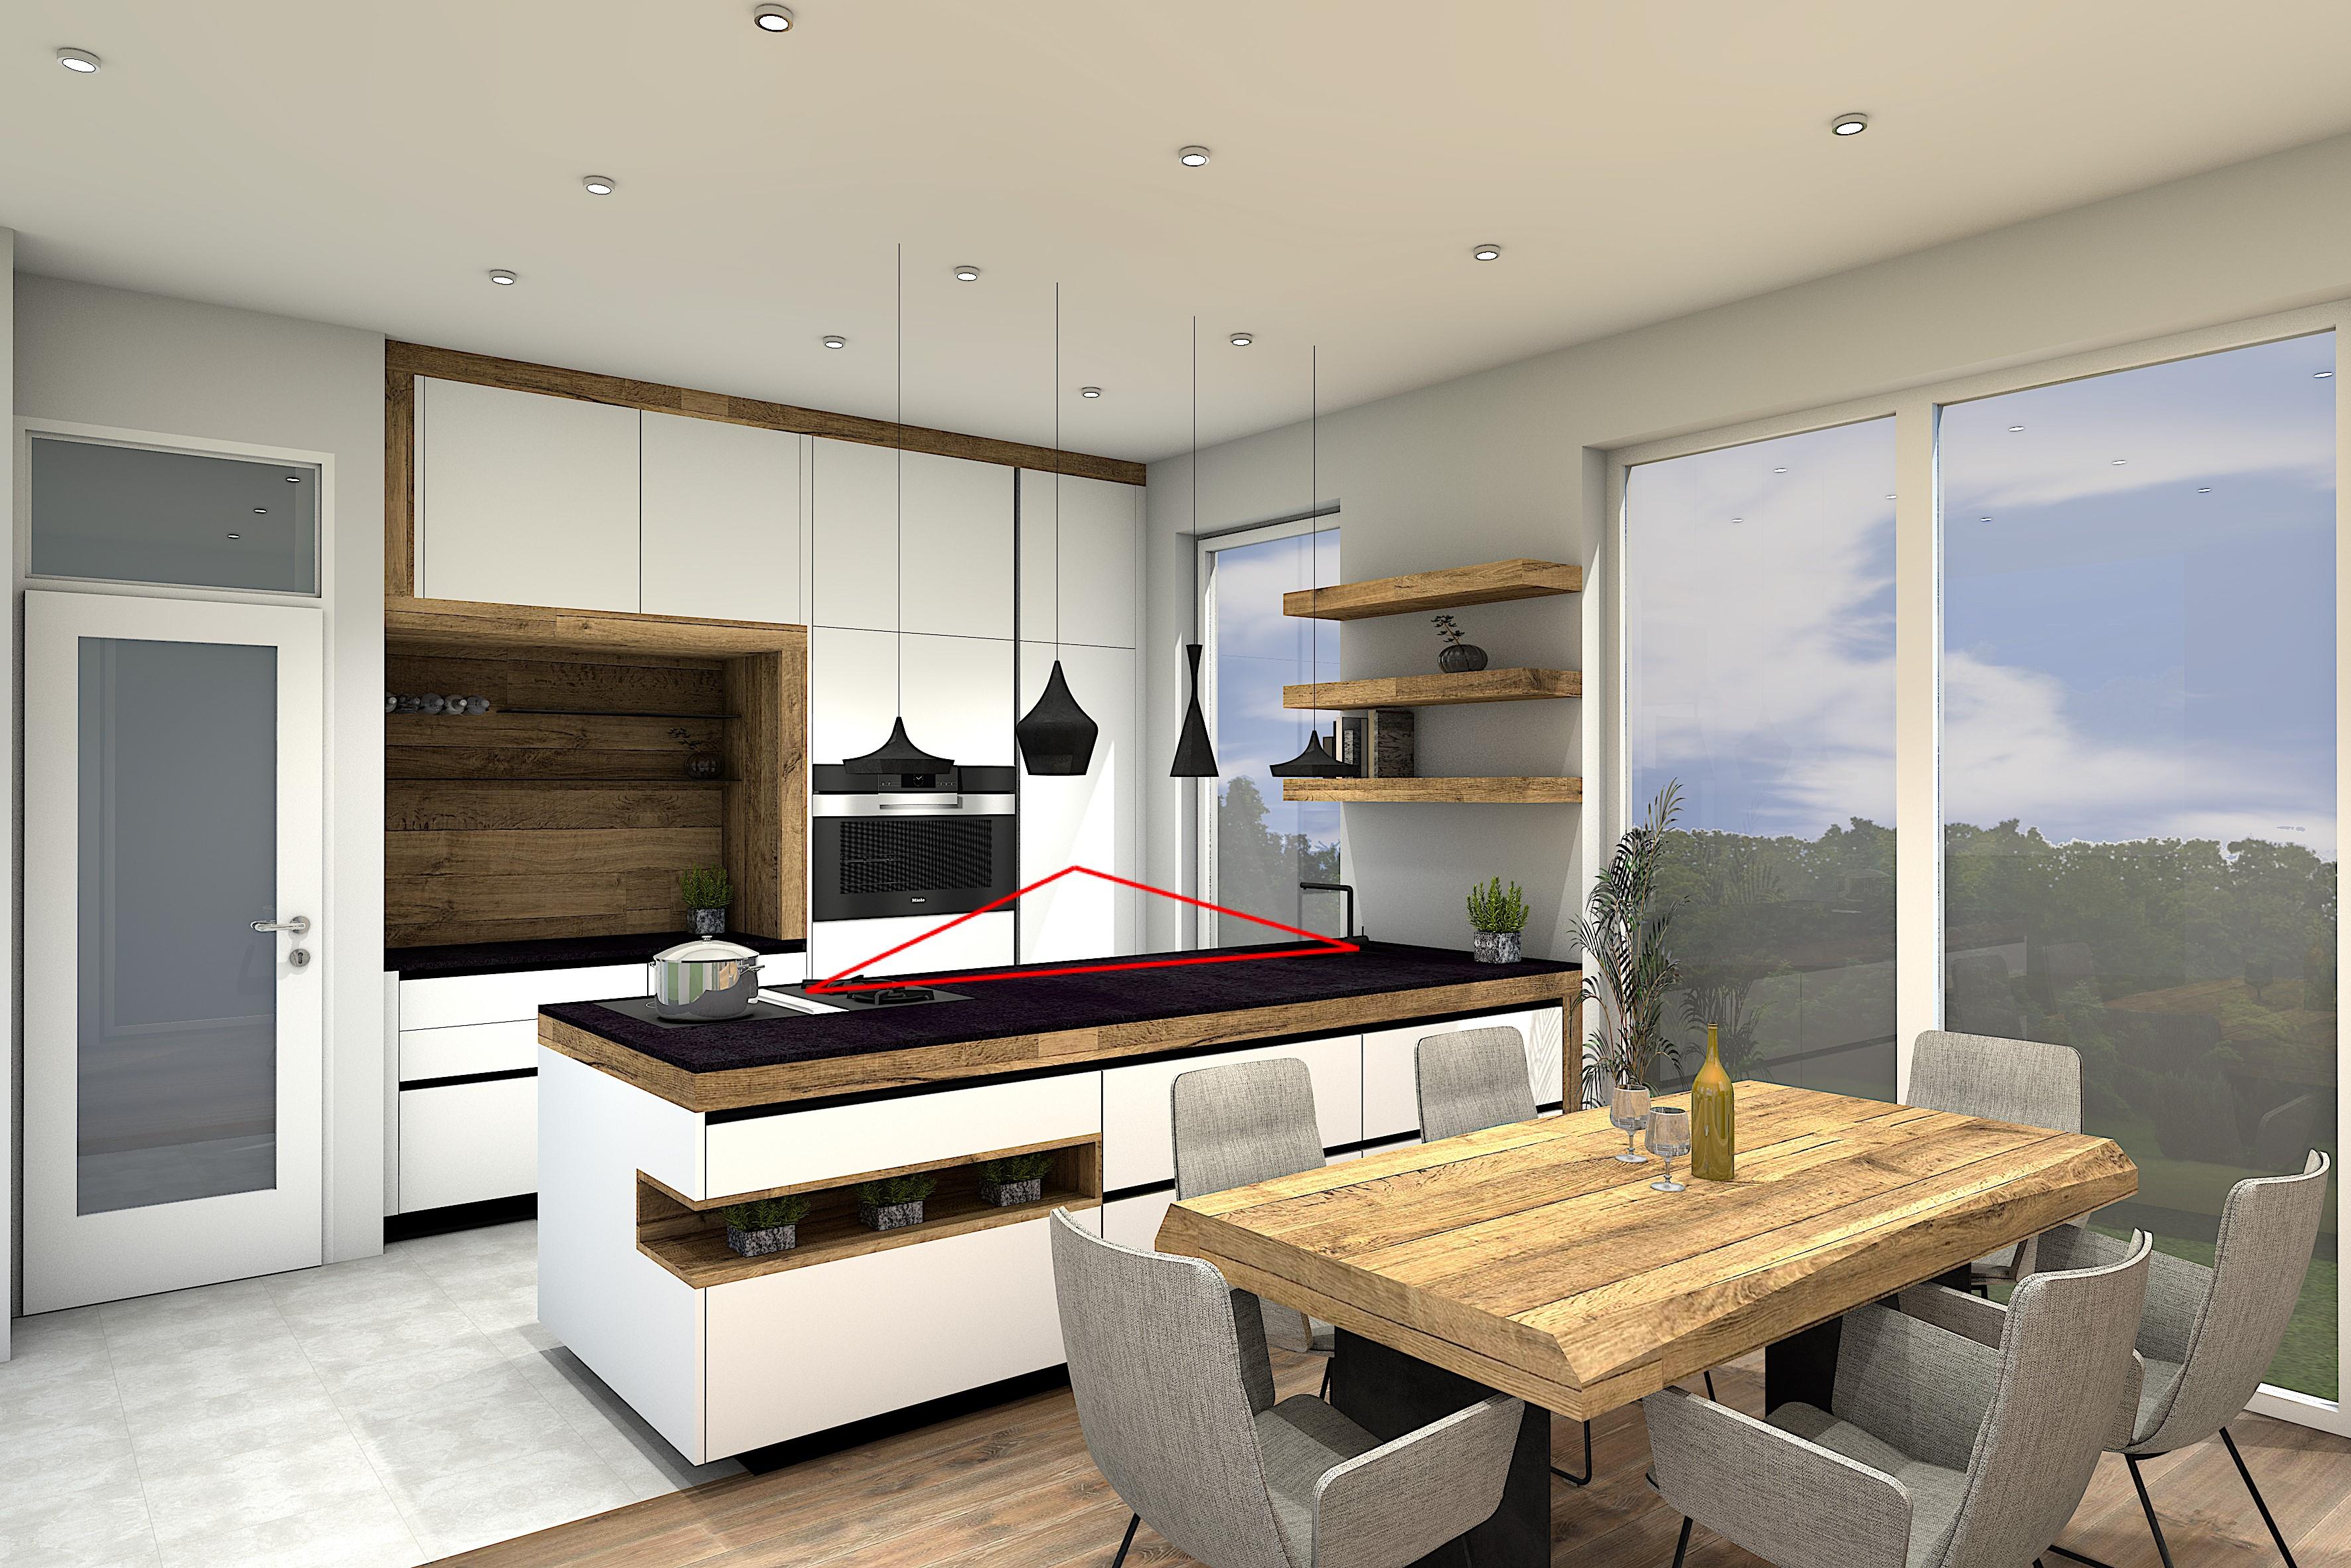 Sendlhofer Küchenstudio - Ergonomische Küche - Dreieck